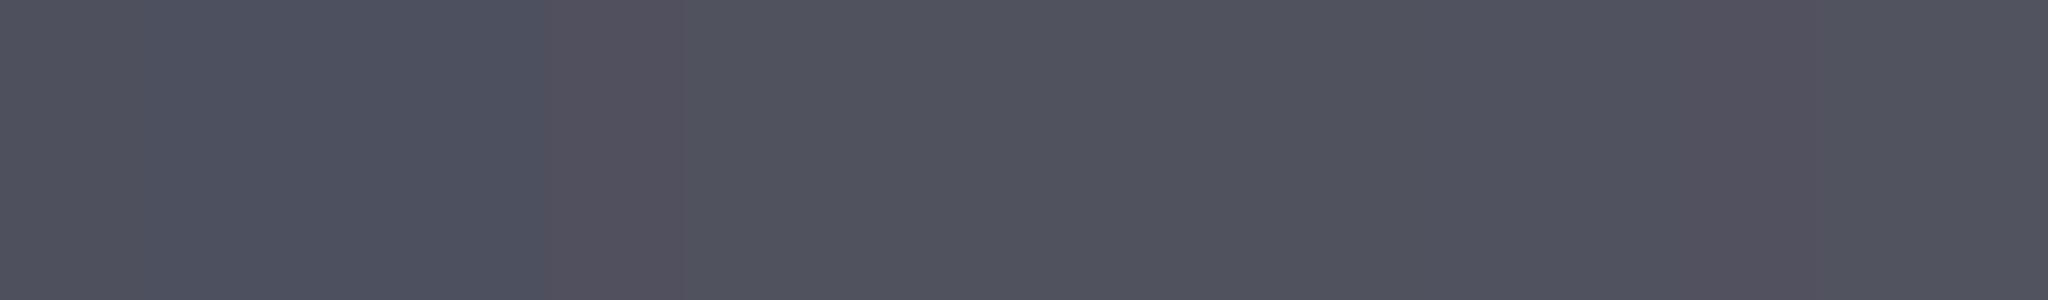 HU 172961 ABS hrana šedá hladká lesk 90°